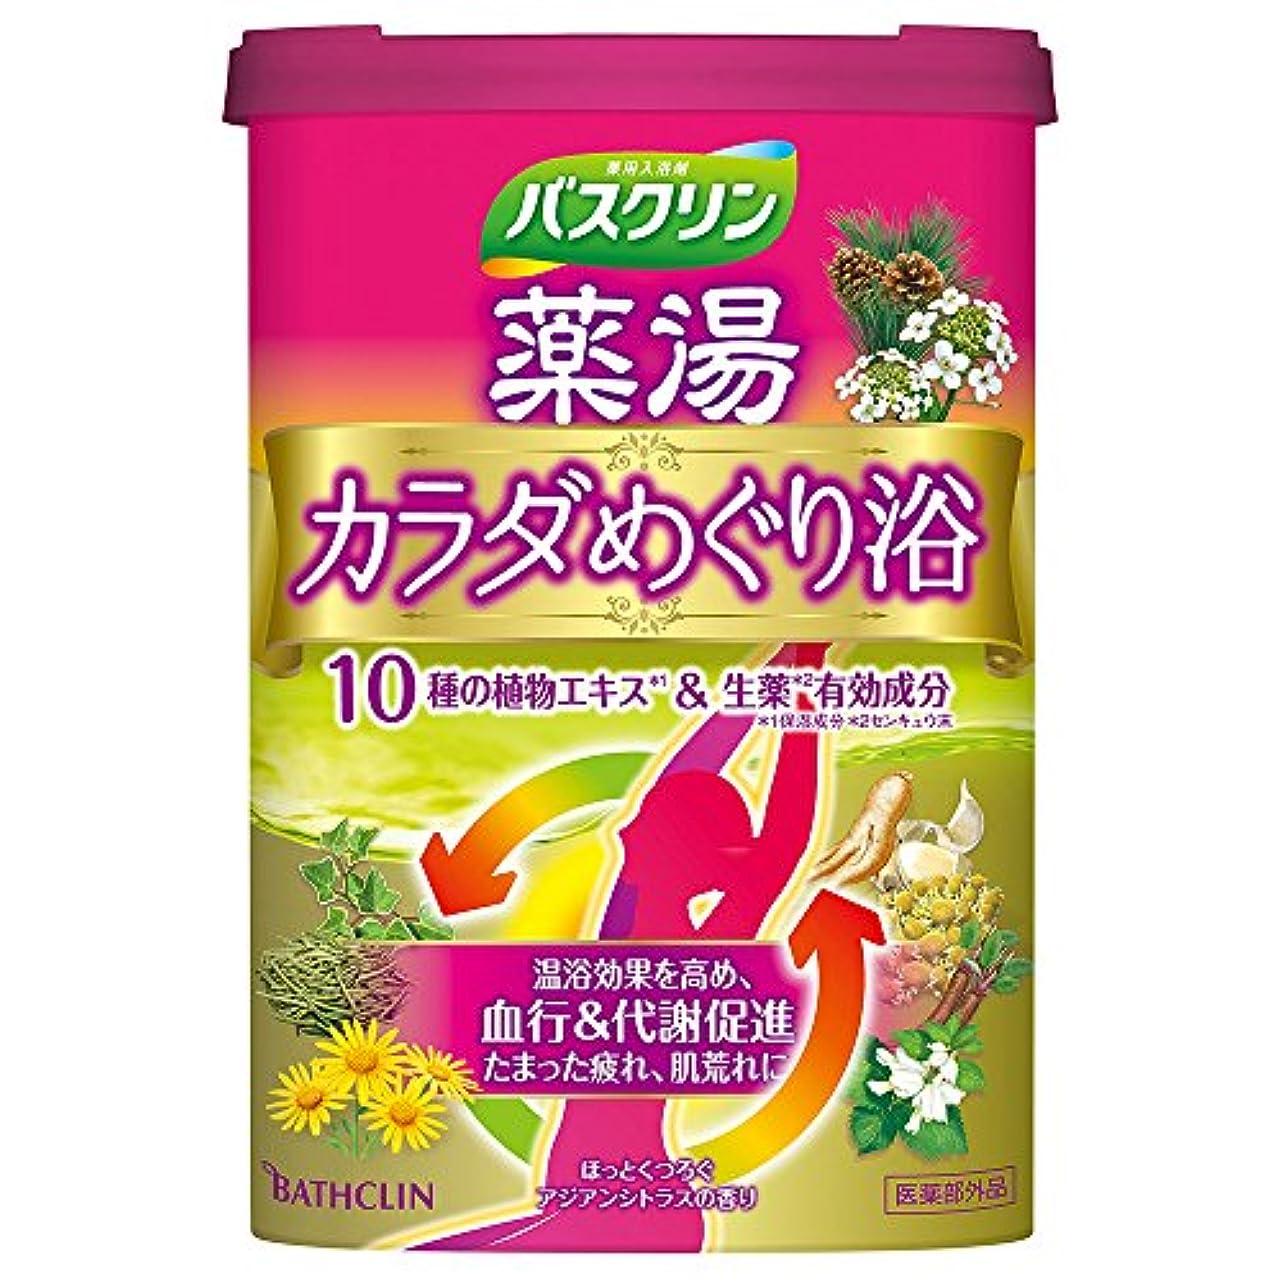 忌み嫌う植木カバーバスクリン薬湯 カラダめぐり浴 ほっとくつろぐアジアンシトラスの香り 600g 入浴剤 (医薬部外品)